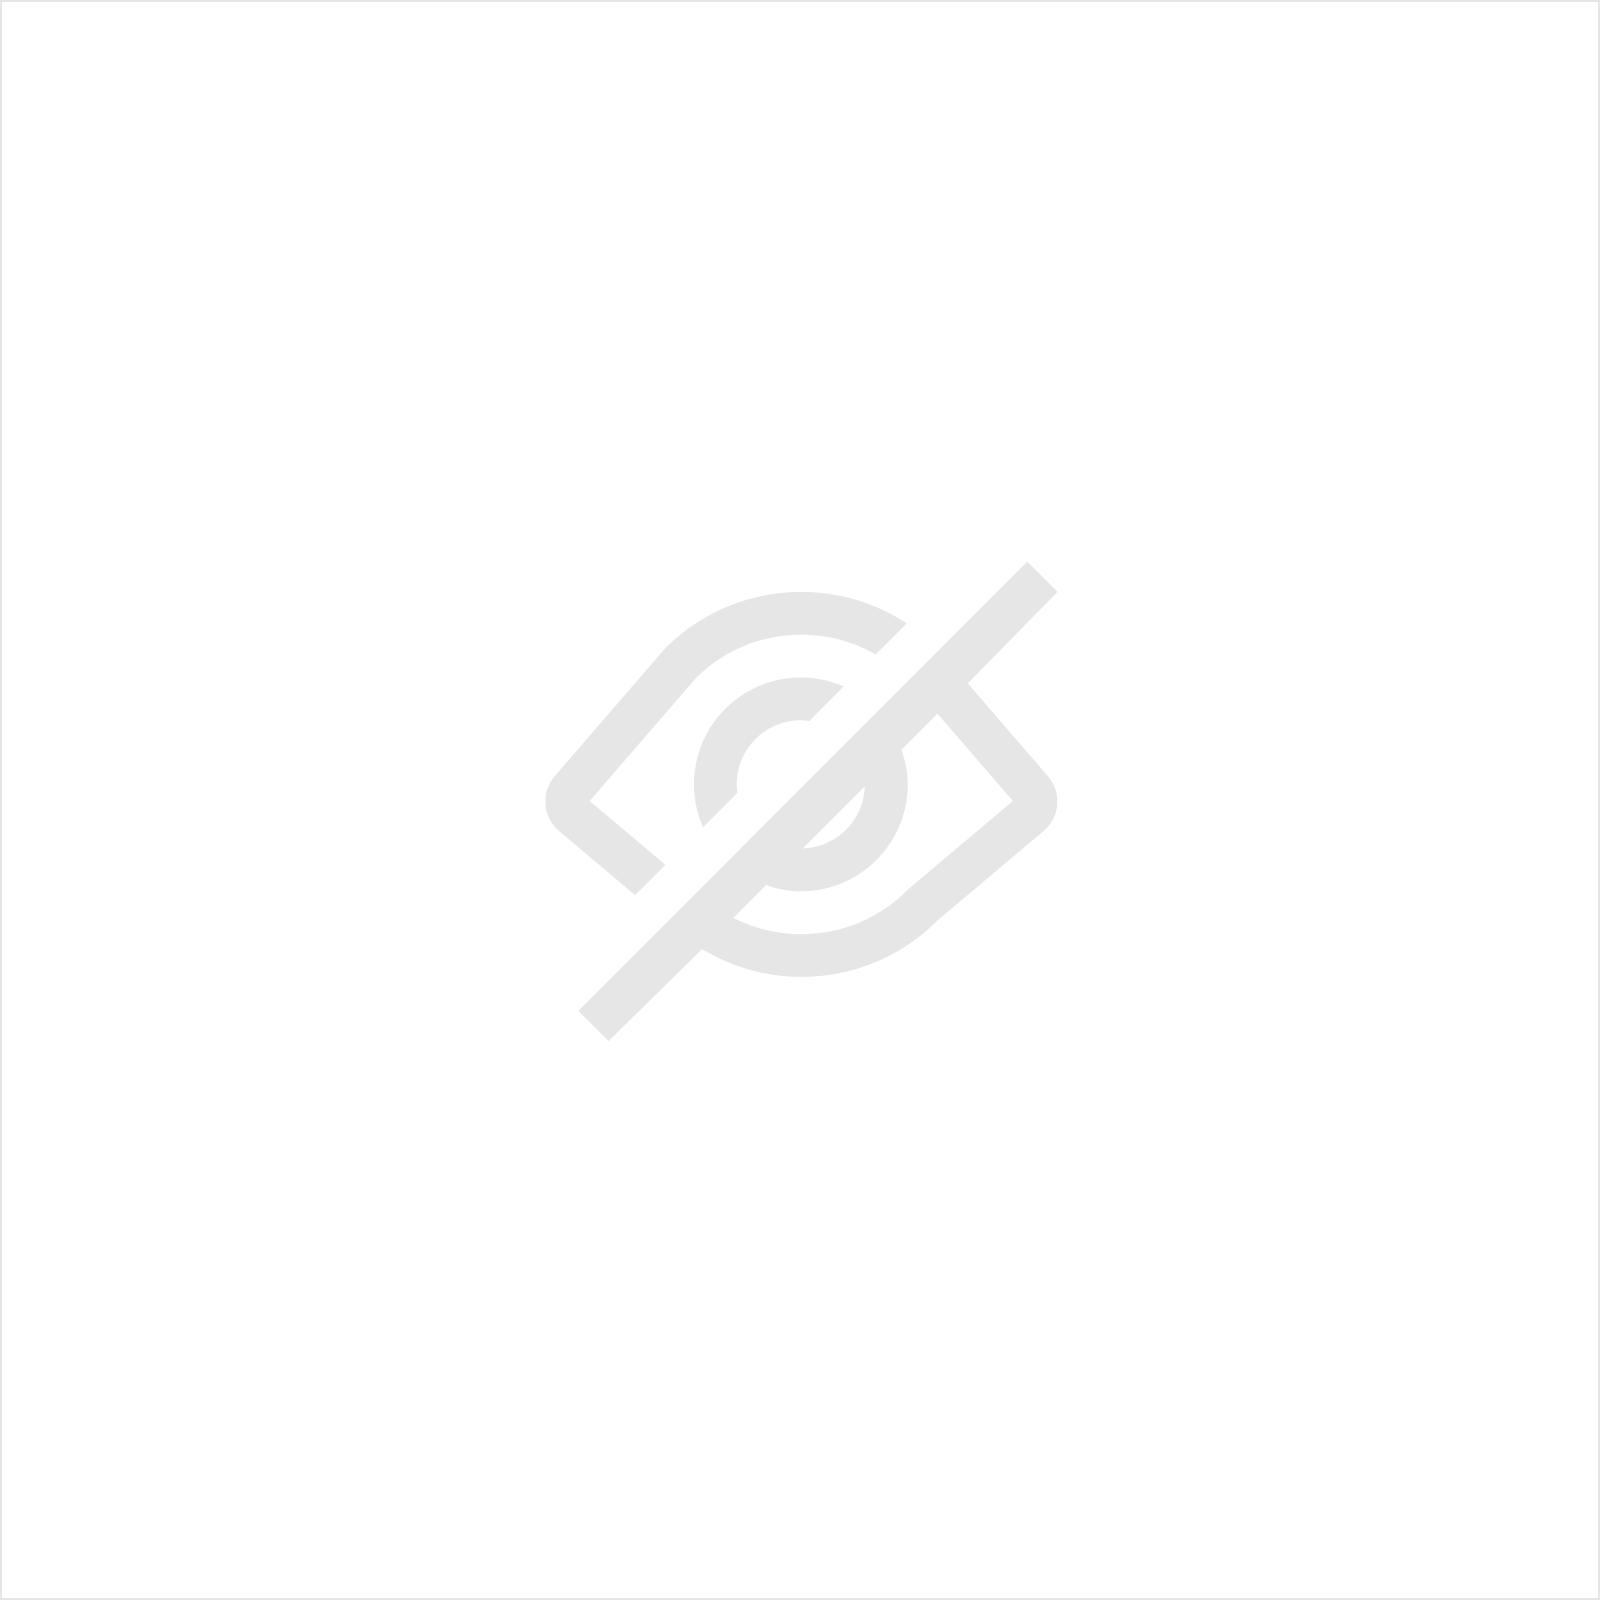 GEREEDSCHAPSCOMBI TOTAAL 18 LADEN + ZIJKAST